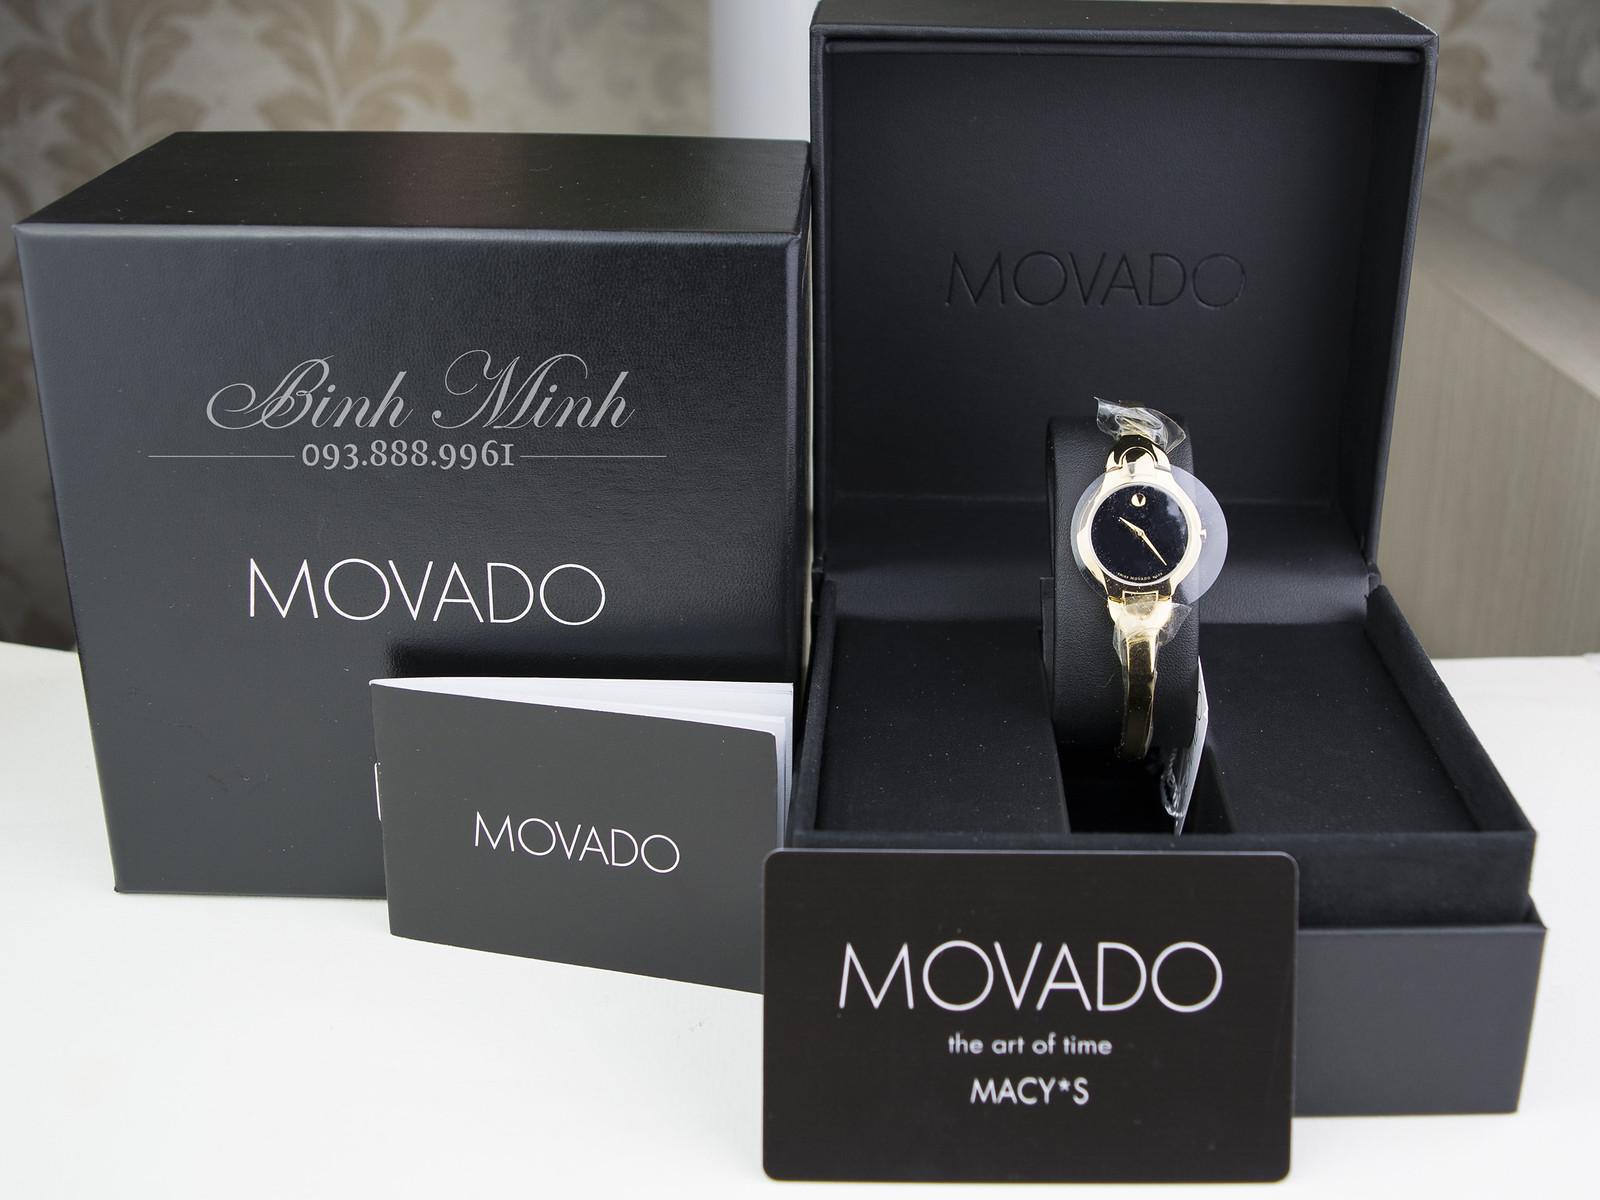 Kính Phố Đồng hồ nữ Movado Kara mạ vàng PVD, mới 100%, đủ hộp sổ thẻ